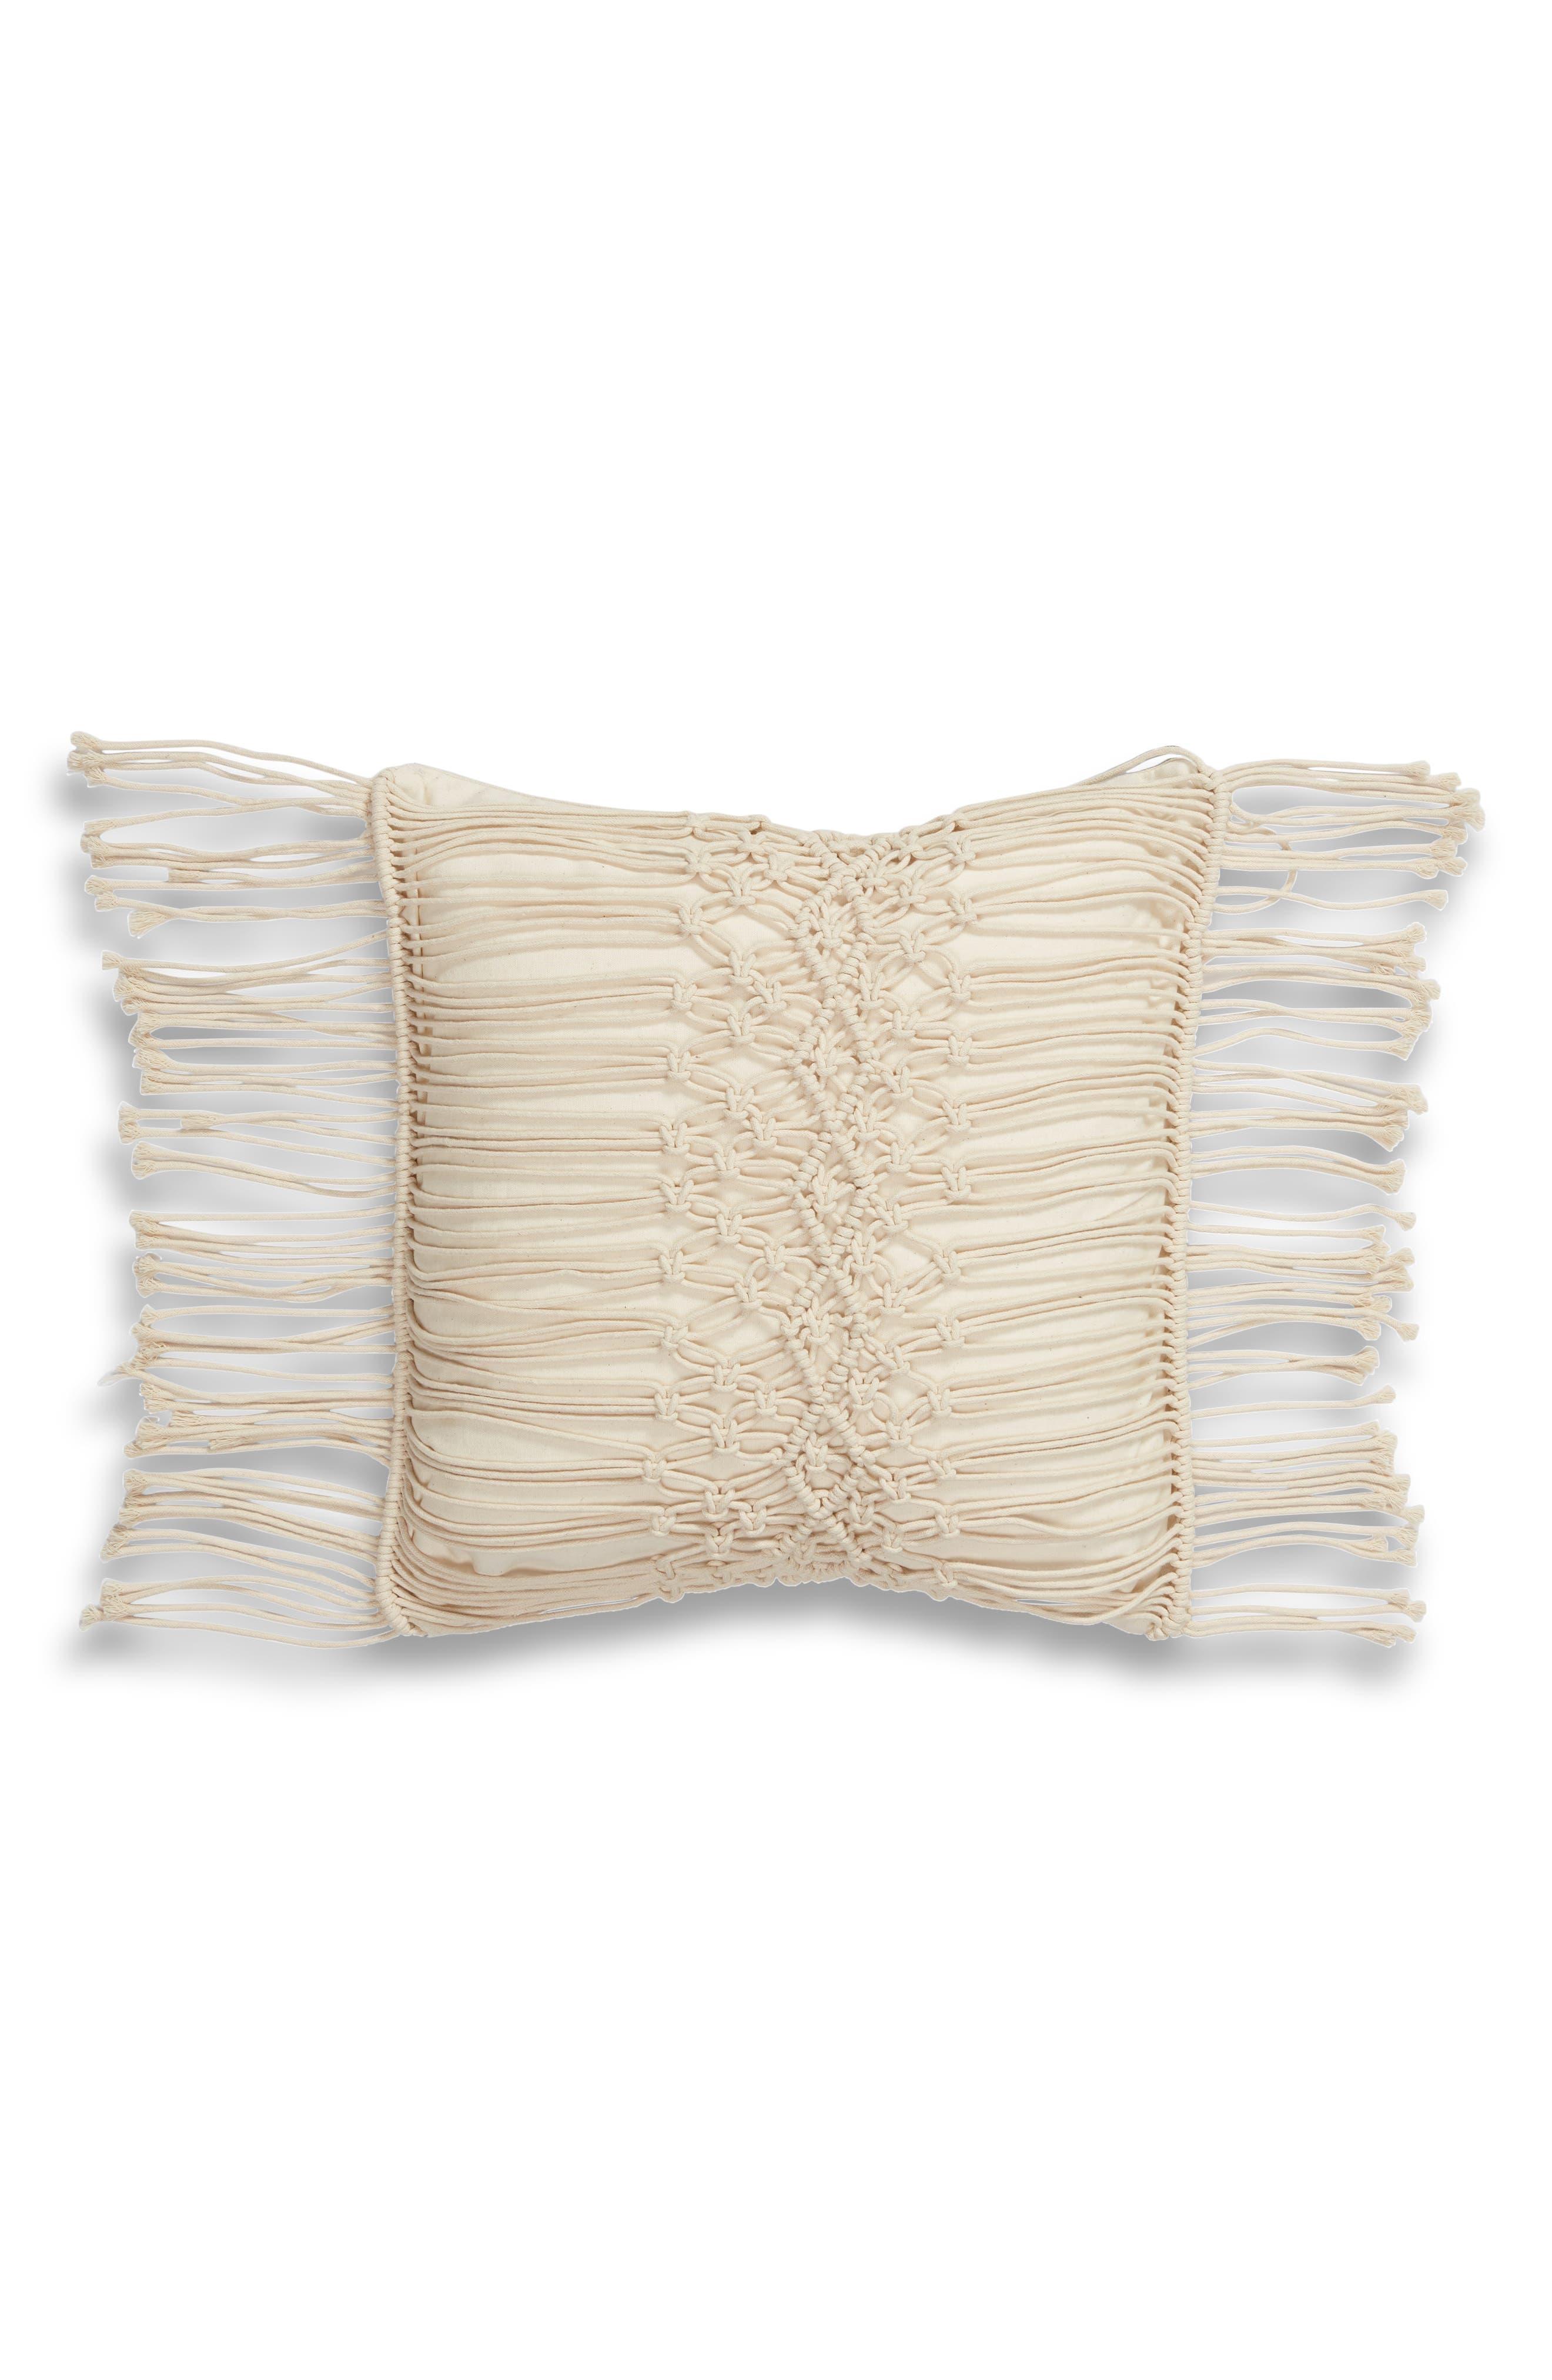 Ayla Macramé Accent Pillow,                             Main thumbnail 1, color,                             NATURAL